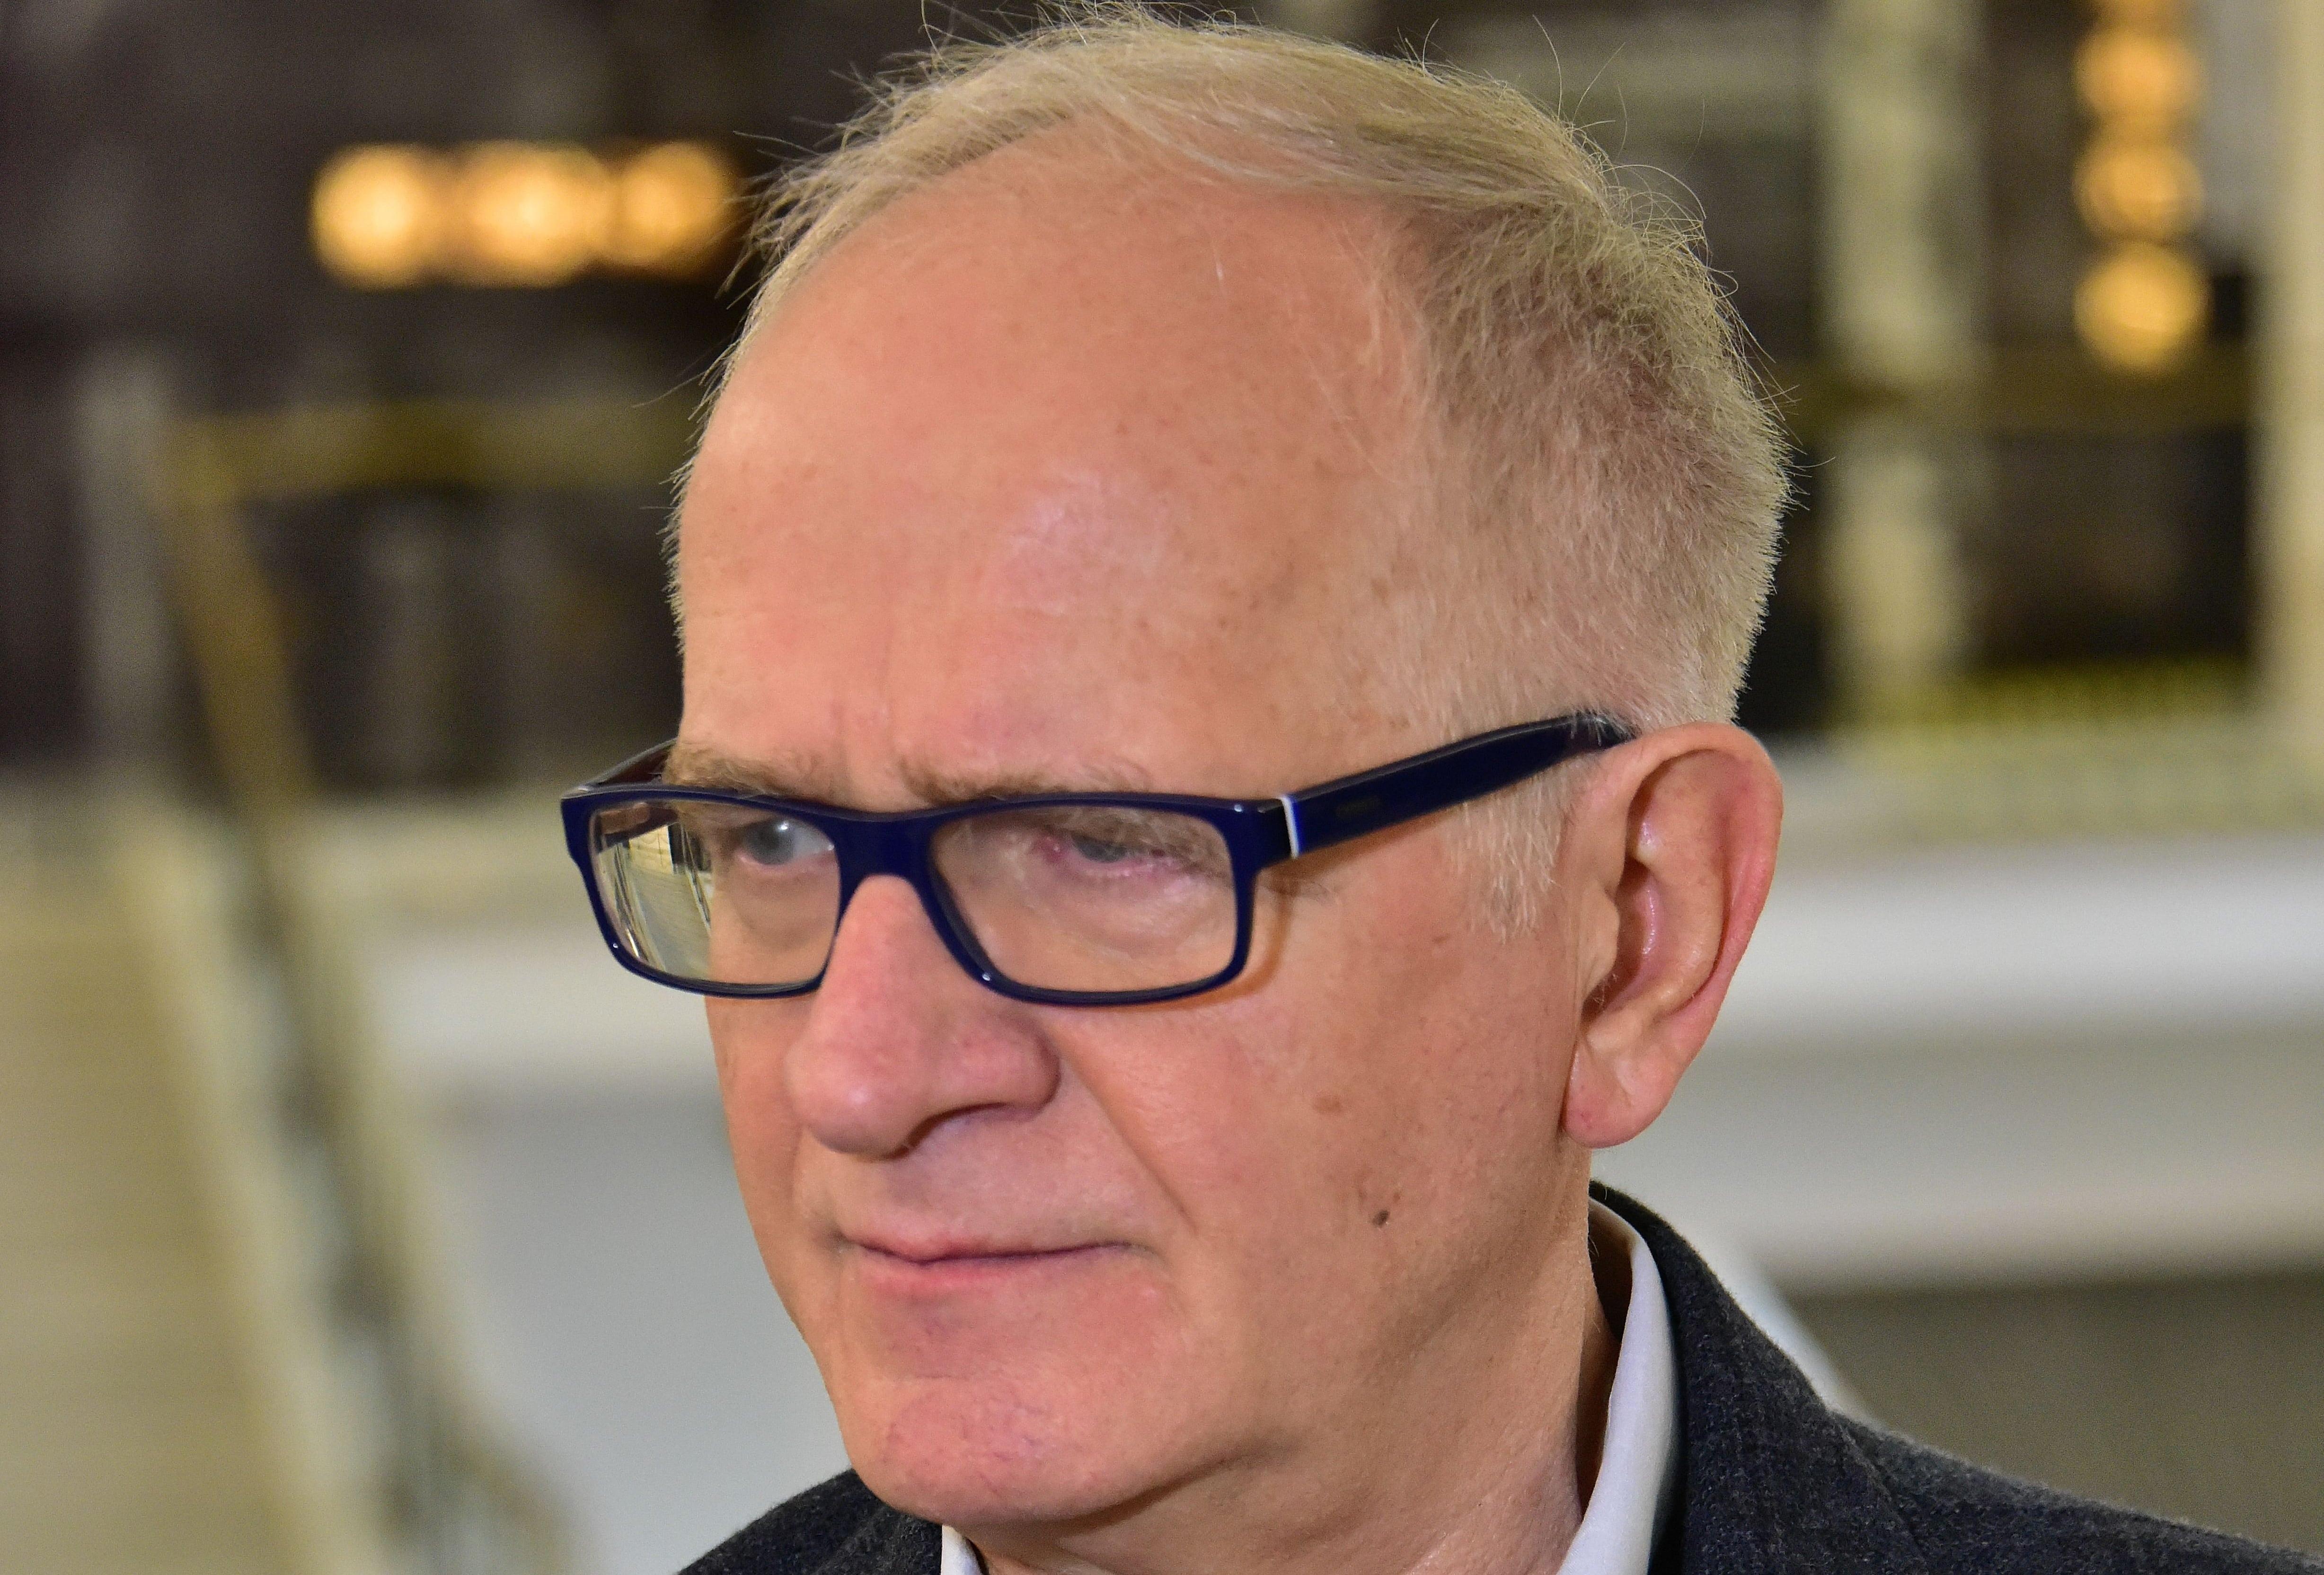 Krzysztof Czabański komentuje sytuację. Jest krytyczny. Co dalej?